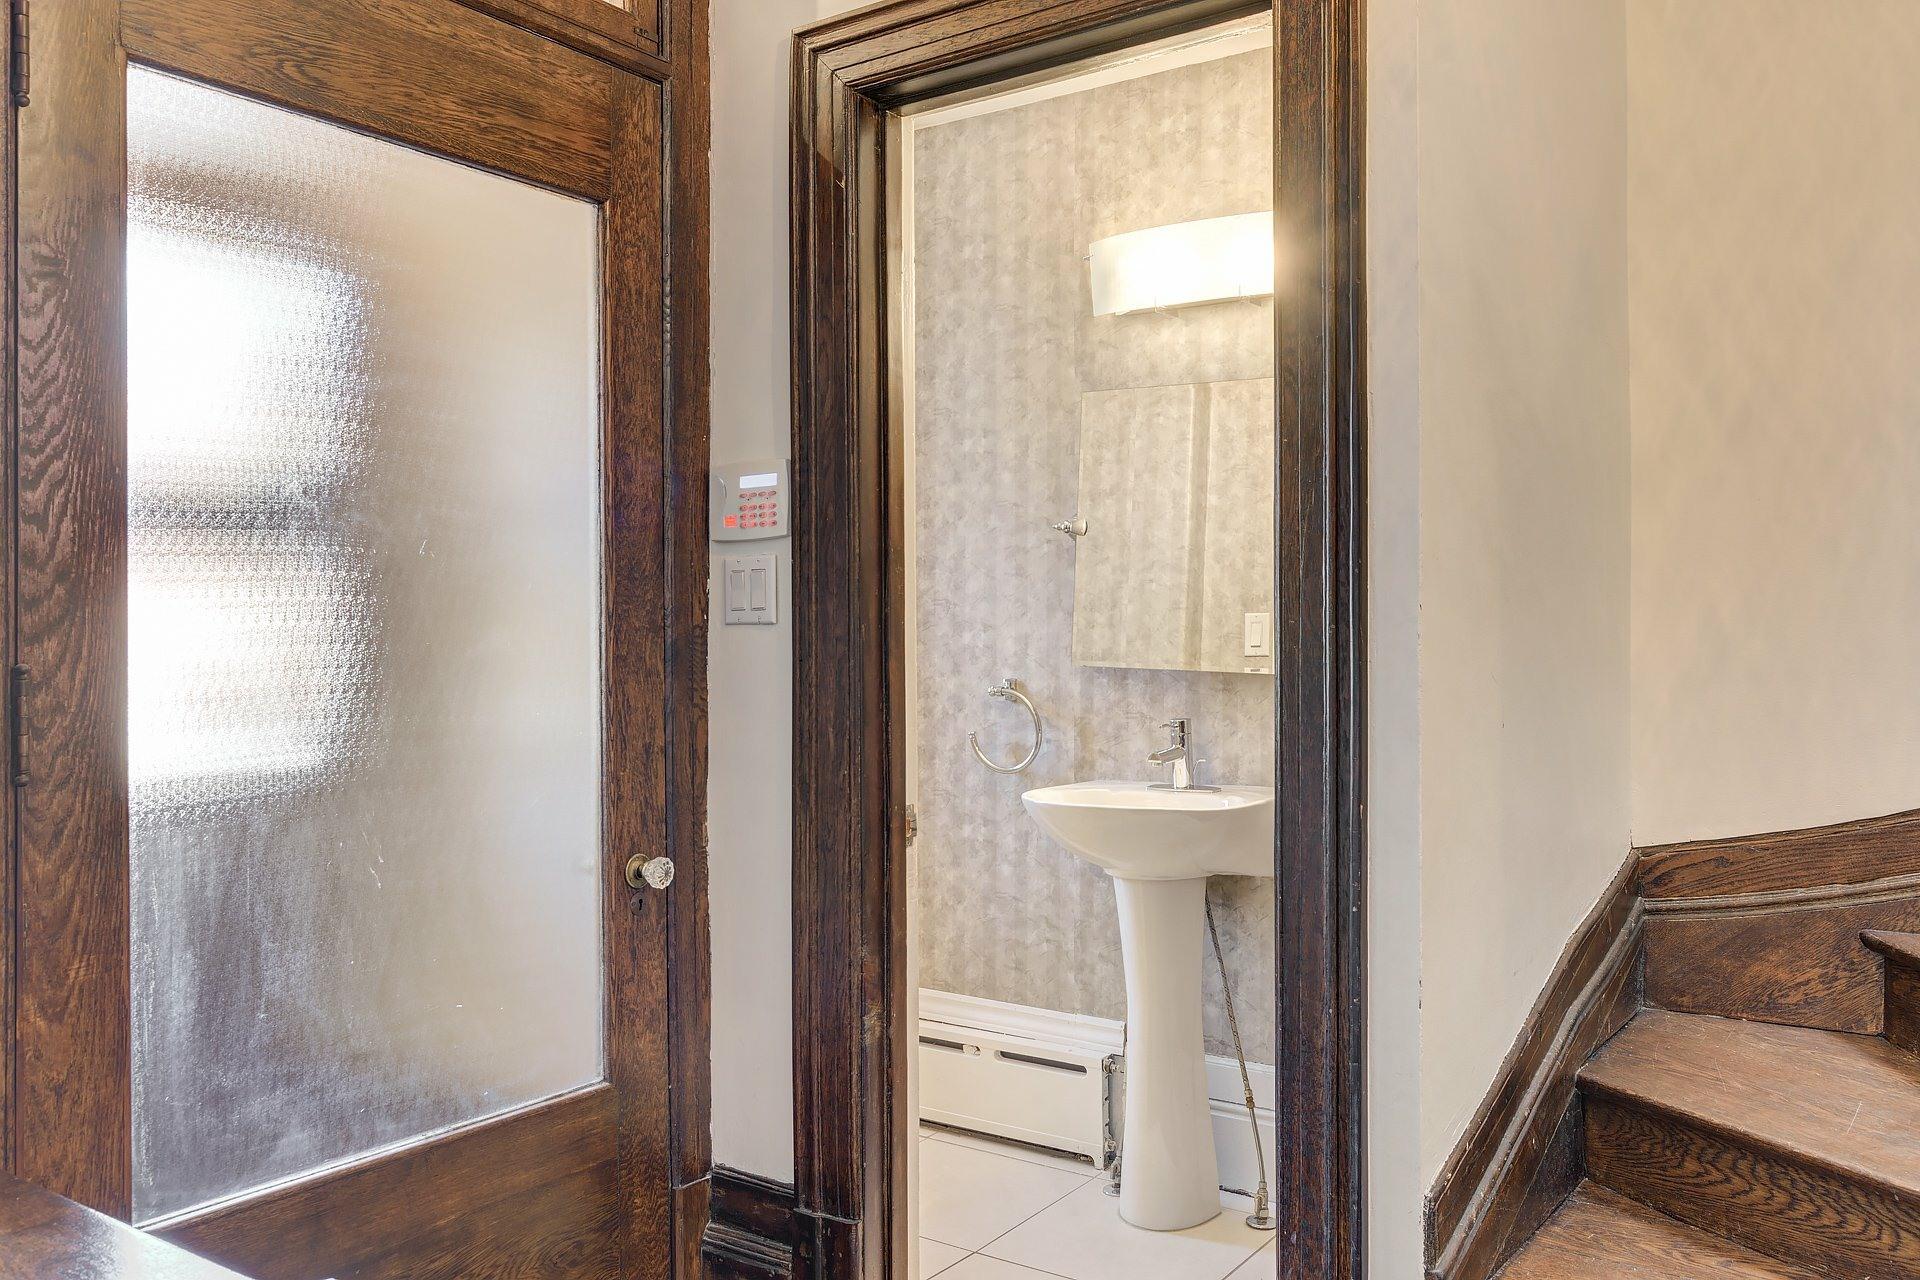 image 15 - Maison À louer Westmount - 9 pièces